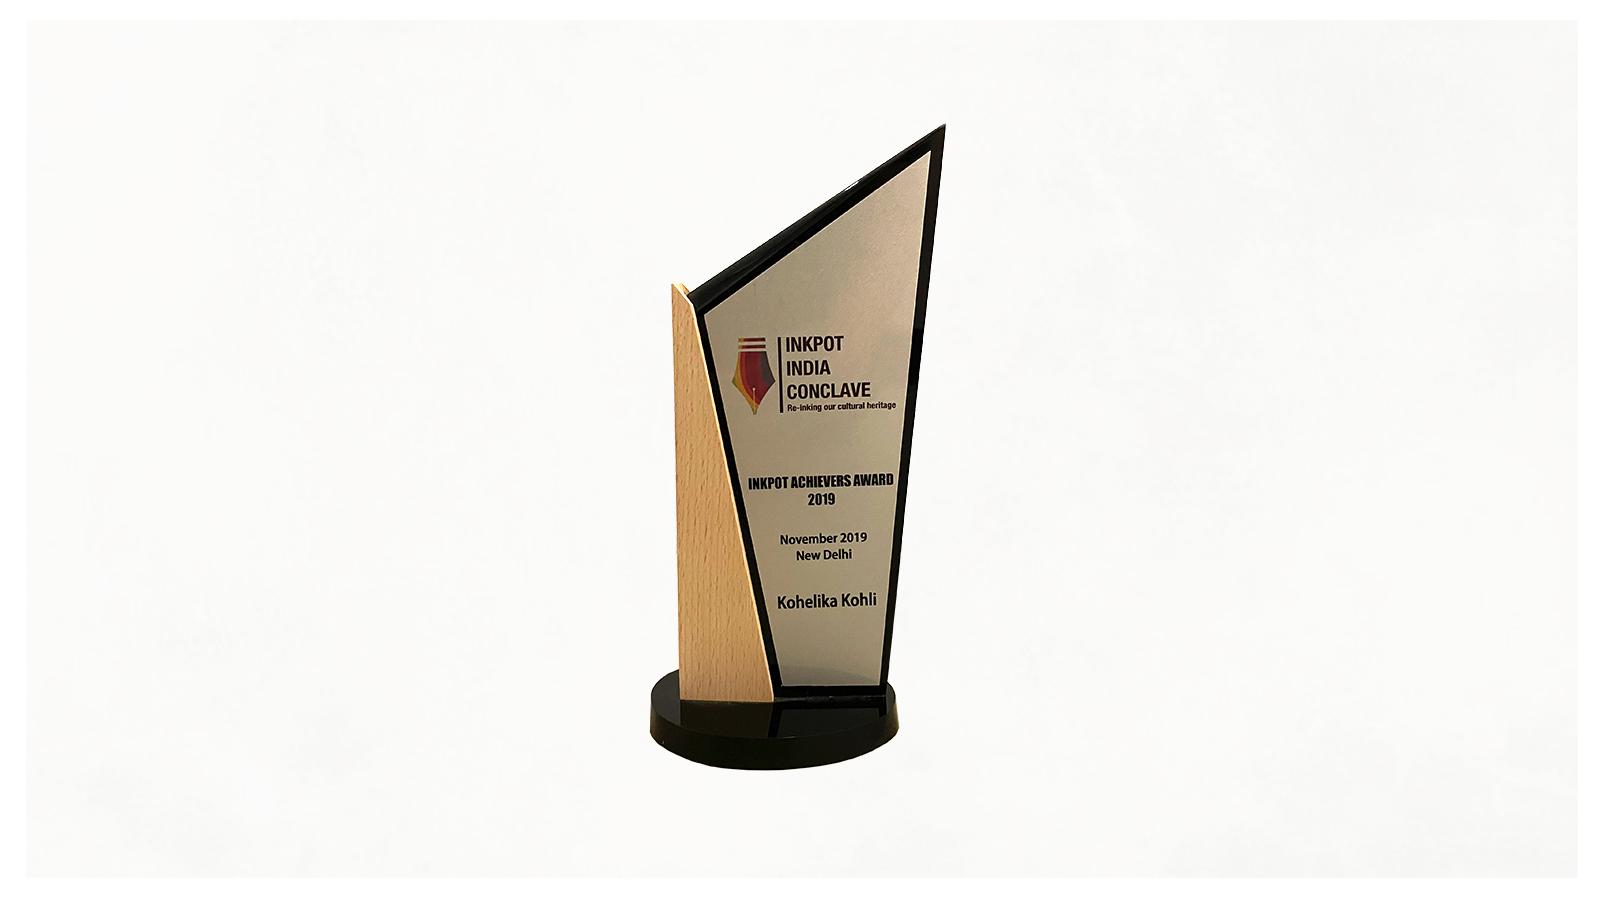 Inkpot Achievers Award 2019